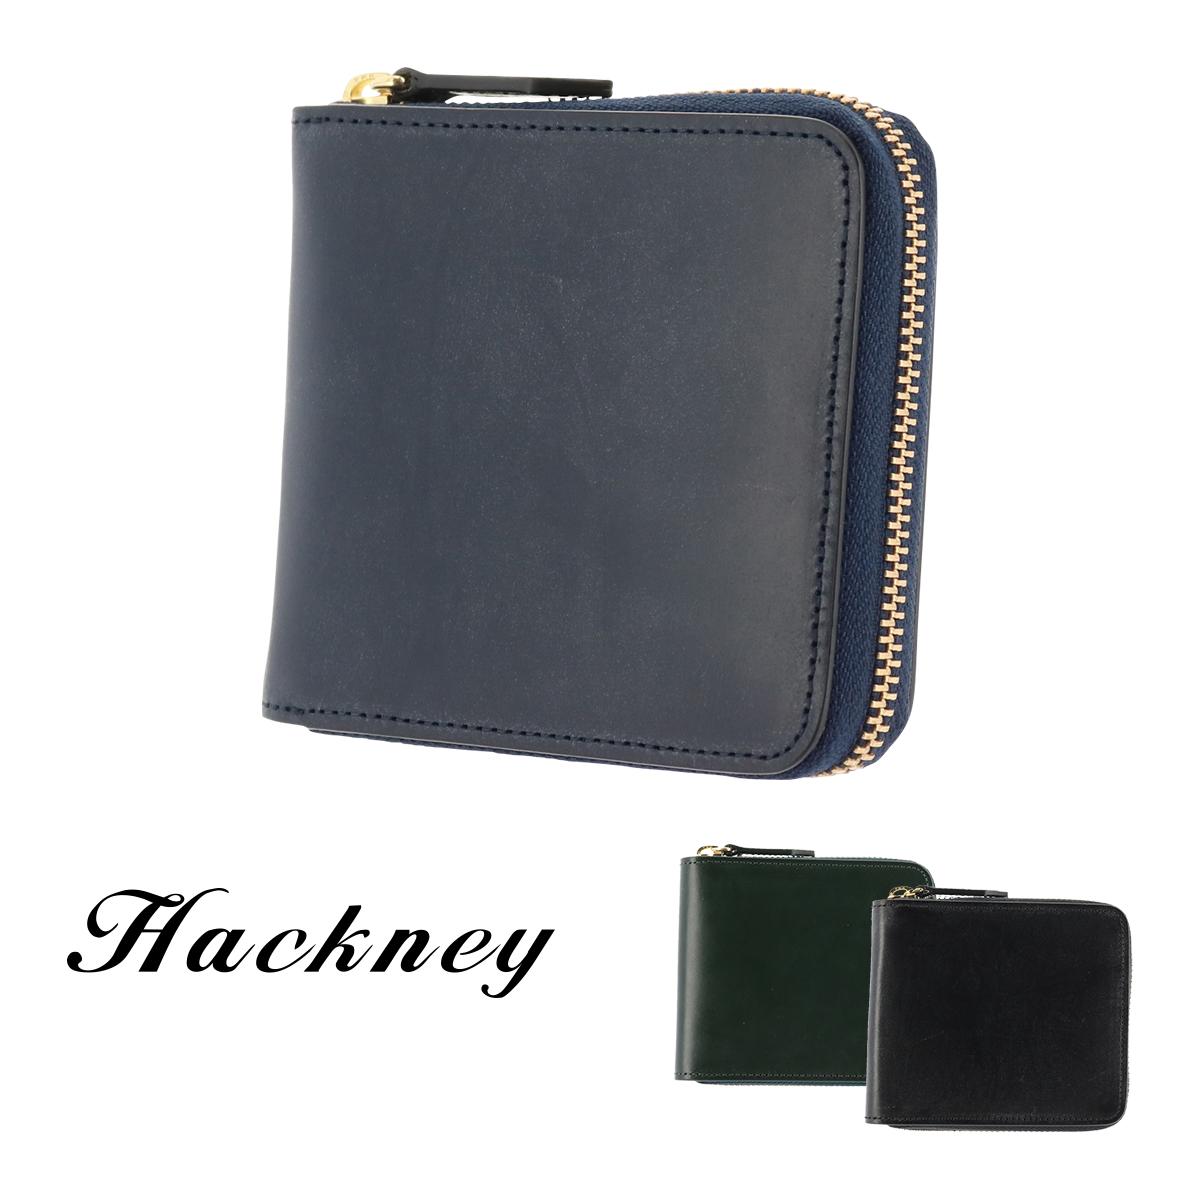 ハックニー 二つ折り財布 ラウンドファスナー メンズ HK-800 Hackney ブライドルレザー イタリアンレザー [PO10][bef]